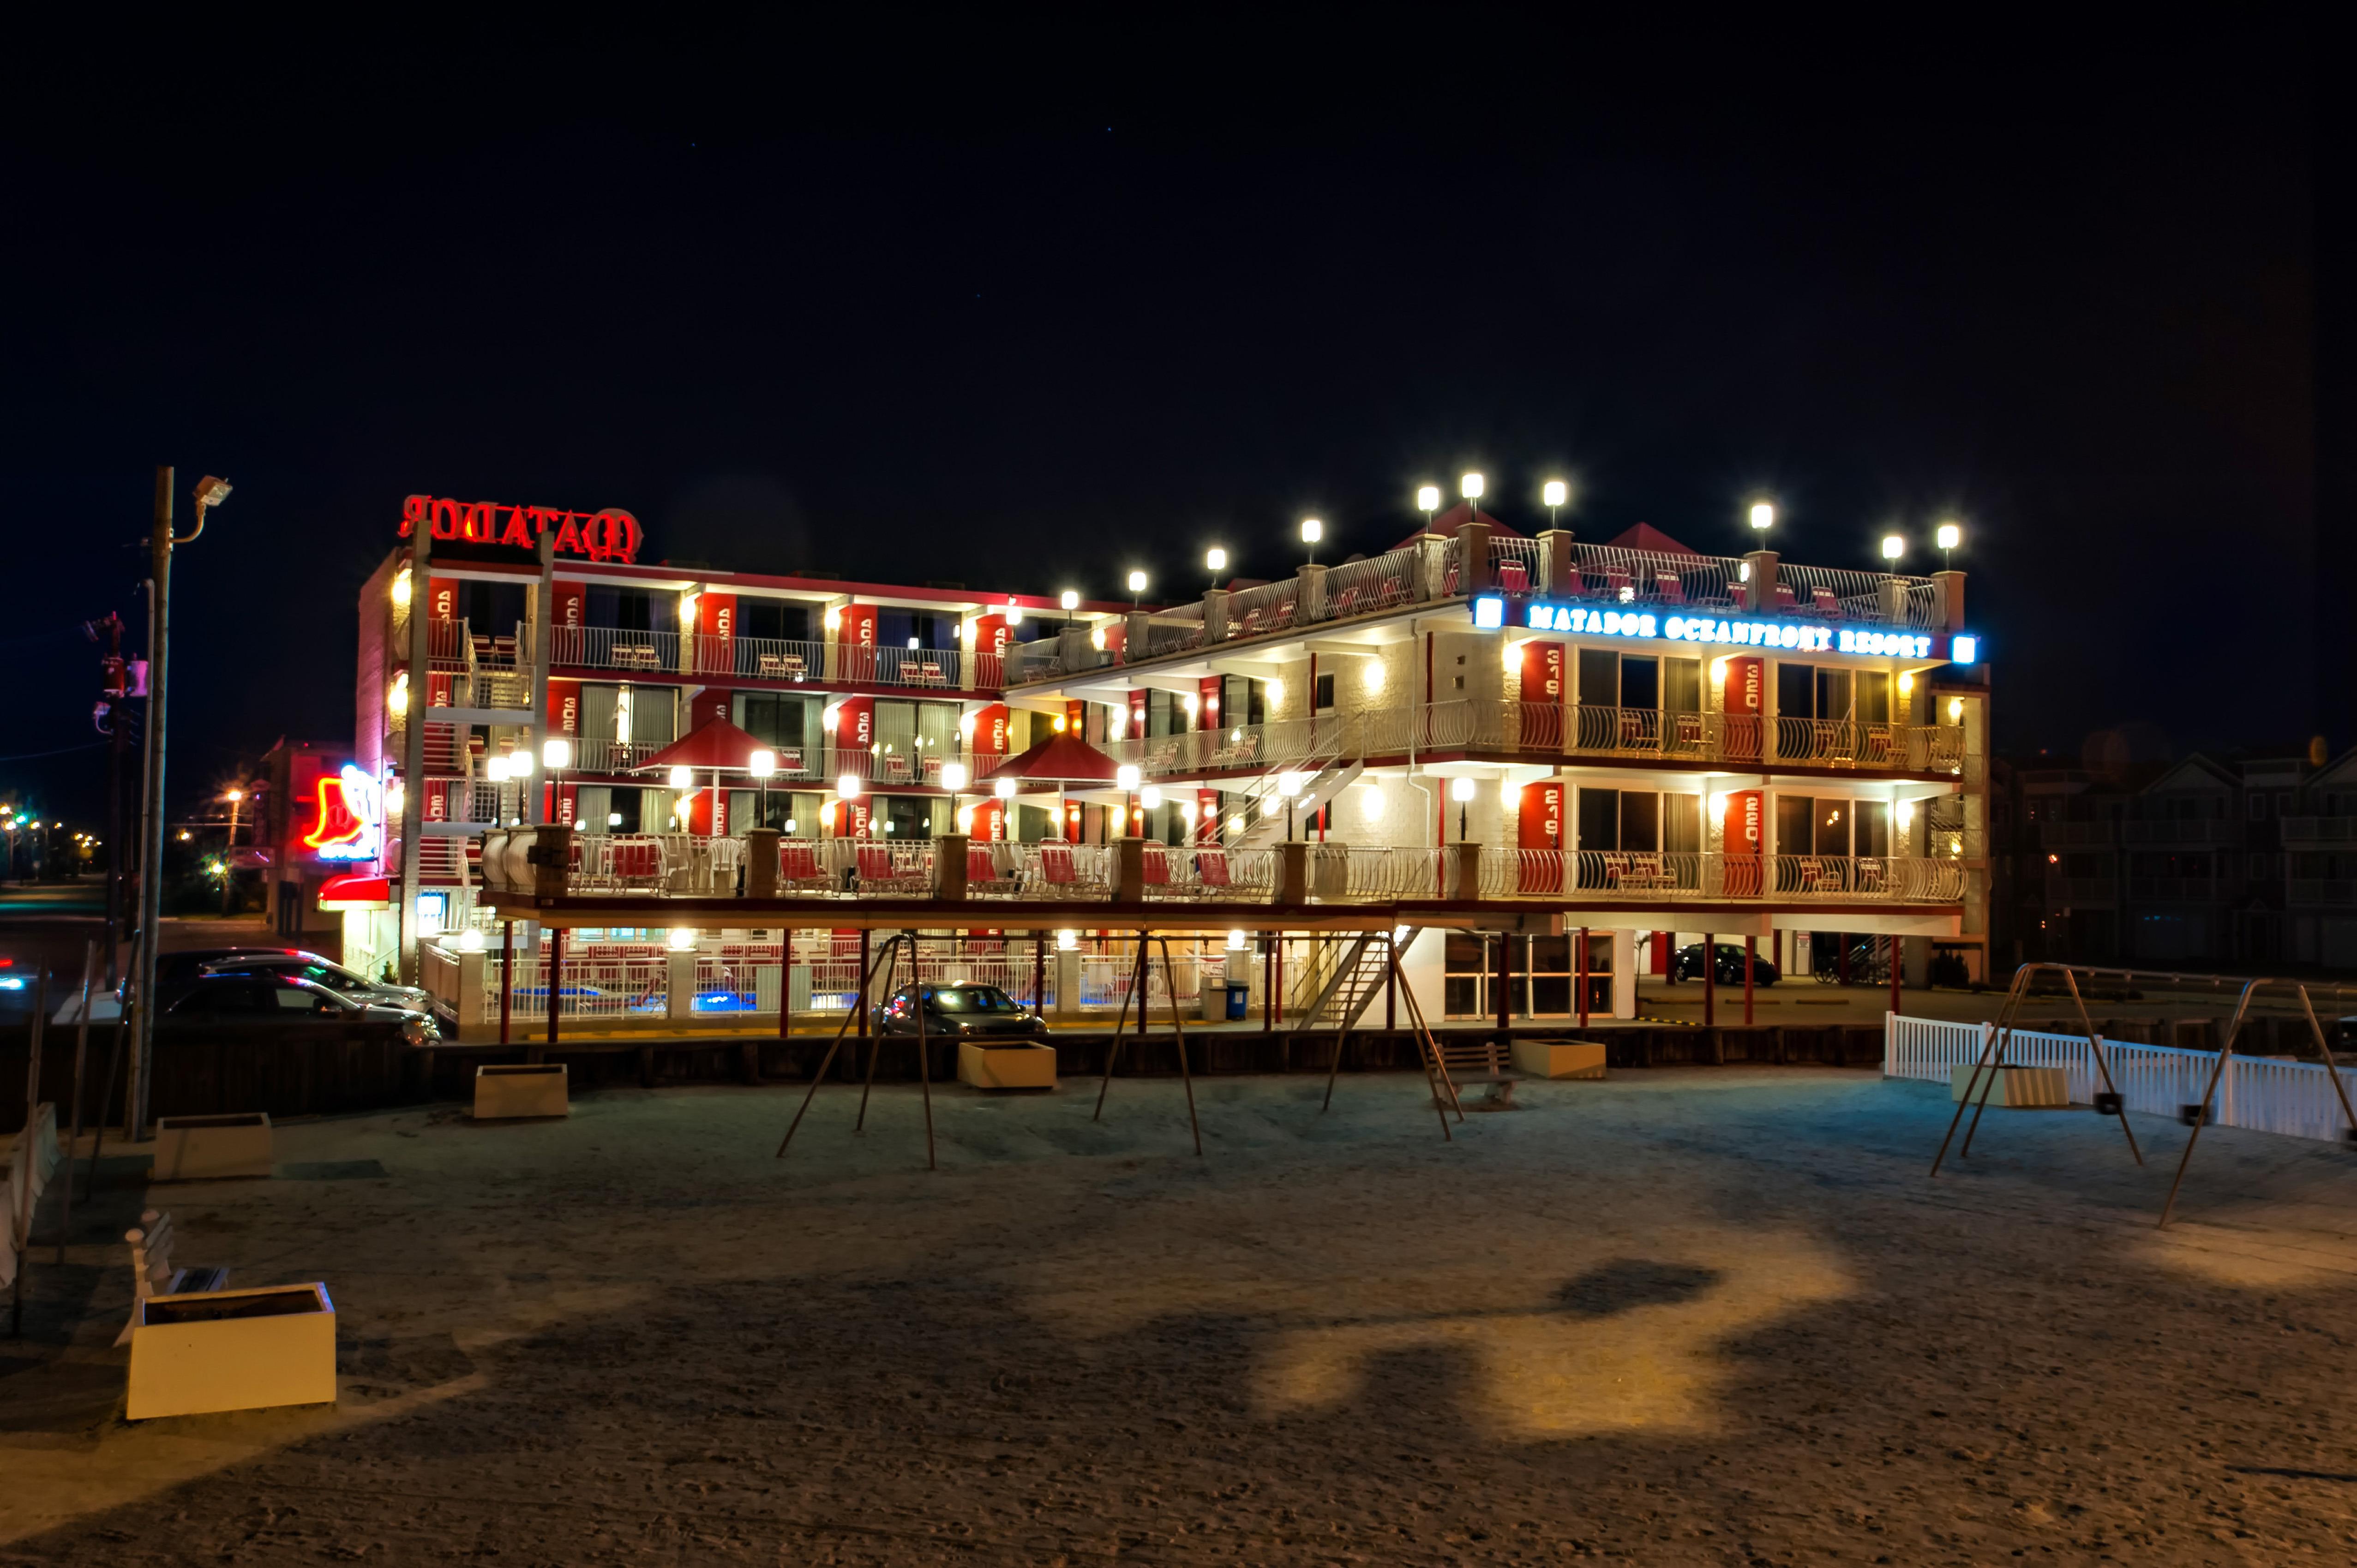 matador oceanfront resort in north wildwood nj 08260. Black Bedroom Furniture Sets. Home Design Ideas